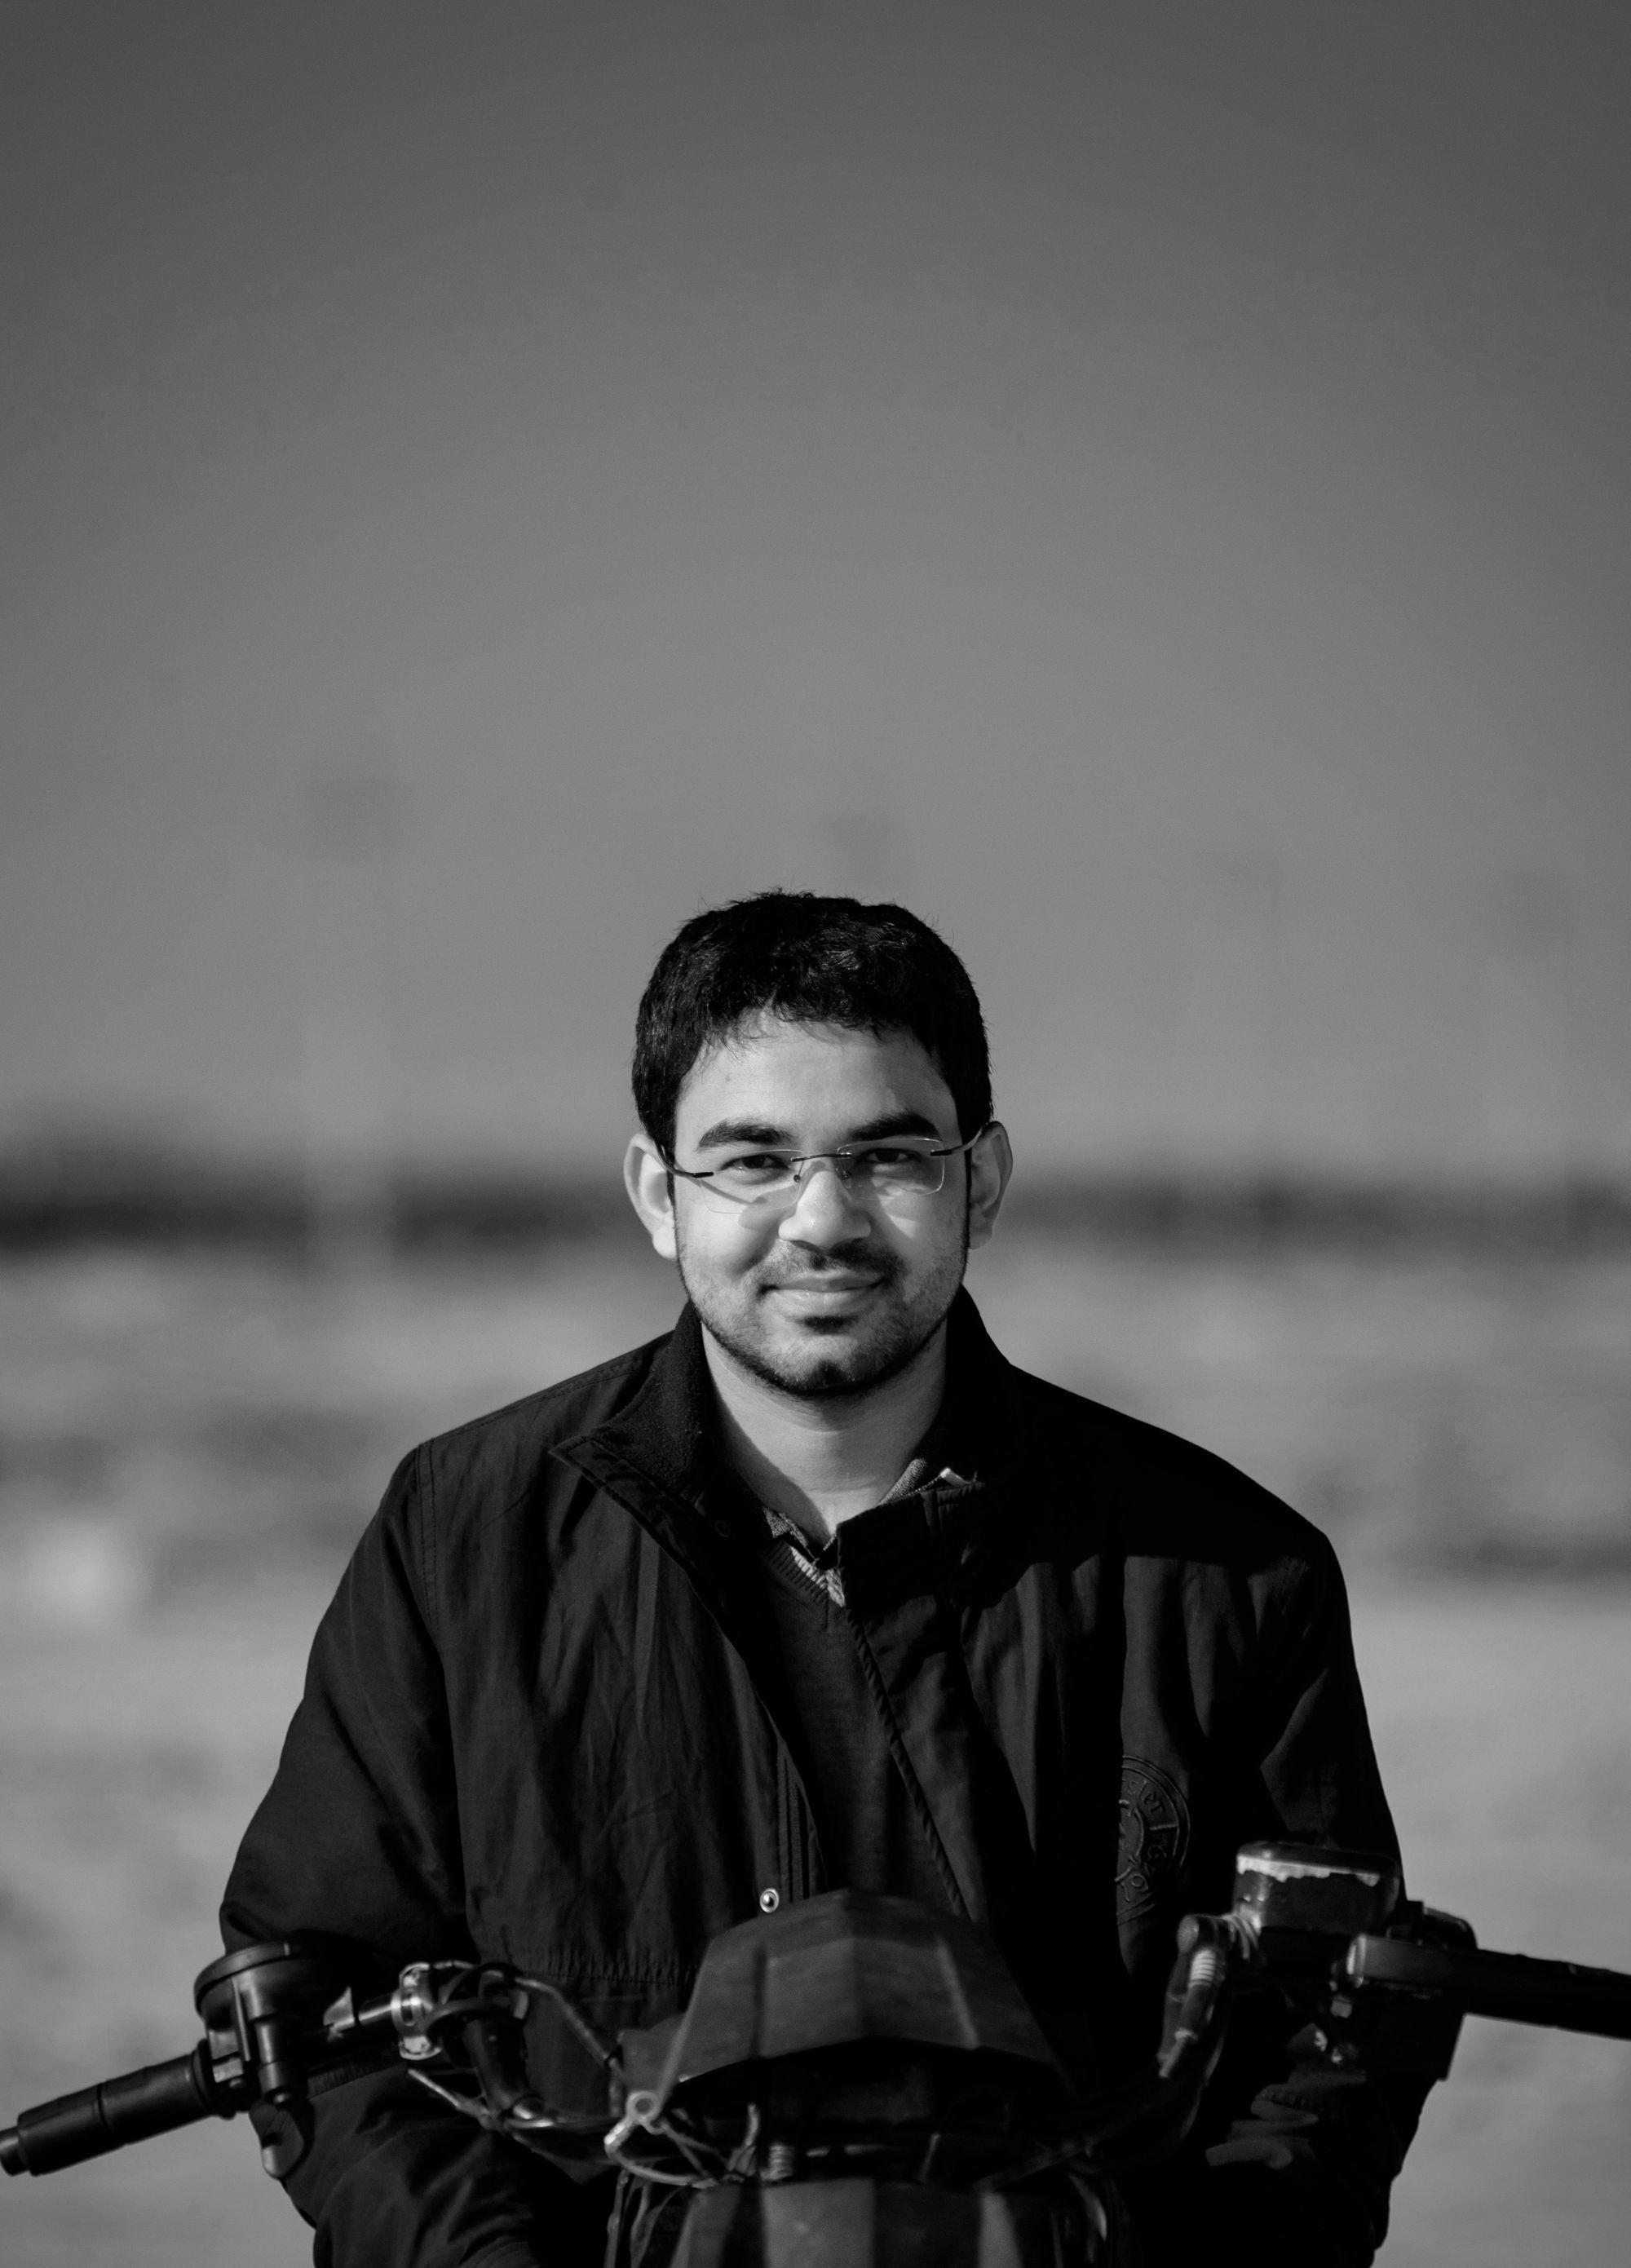 Shaurya Shrivastava